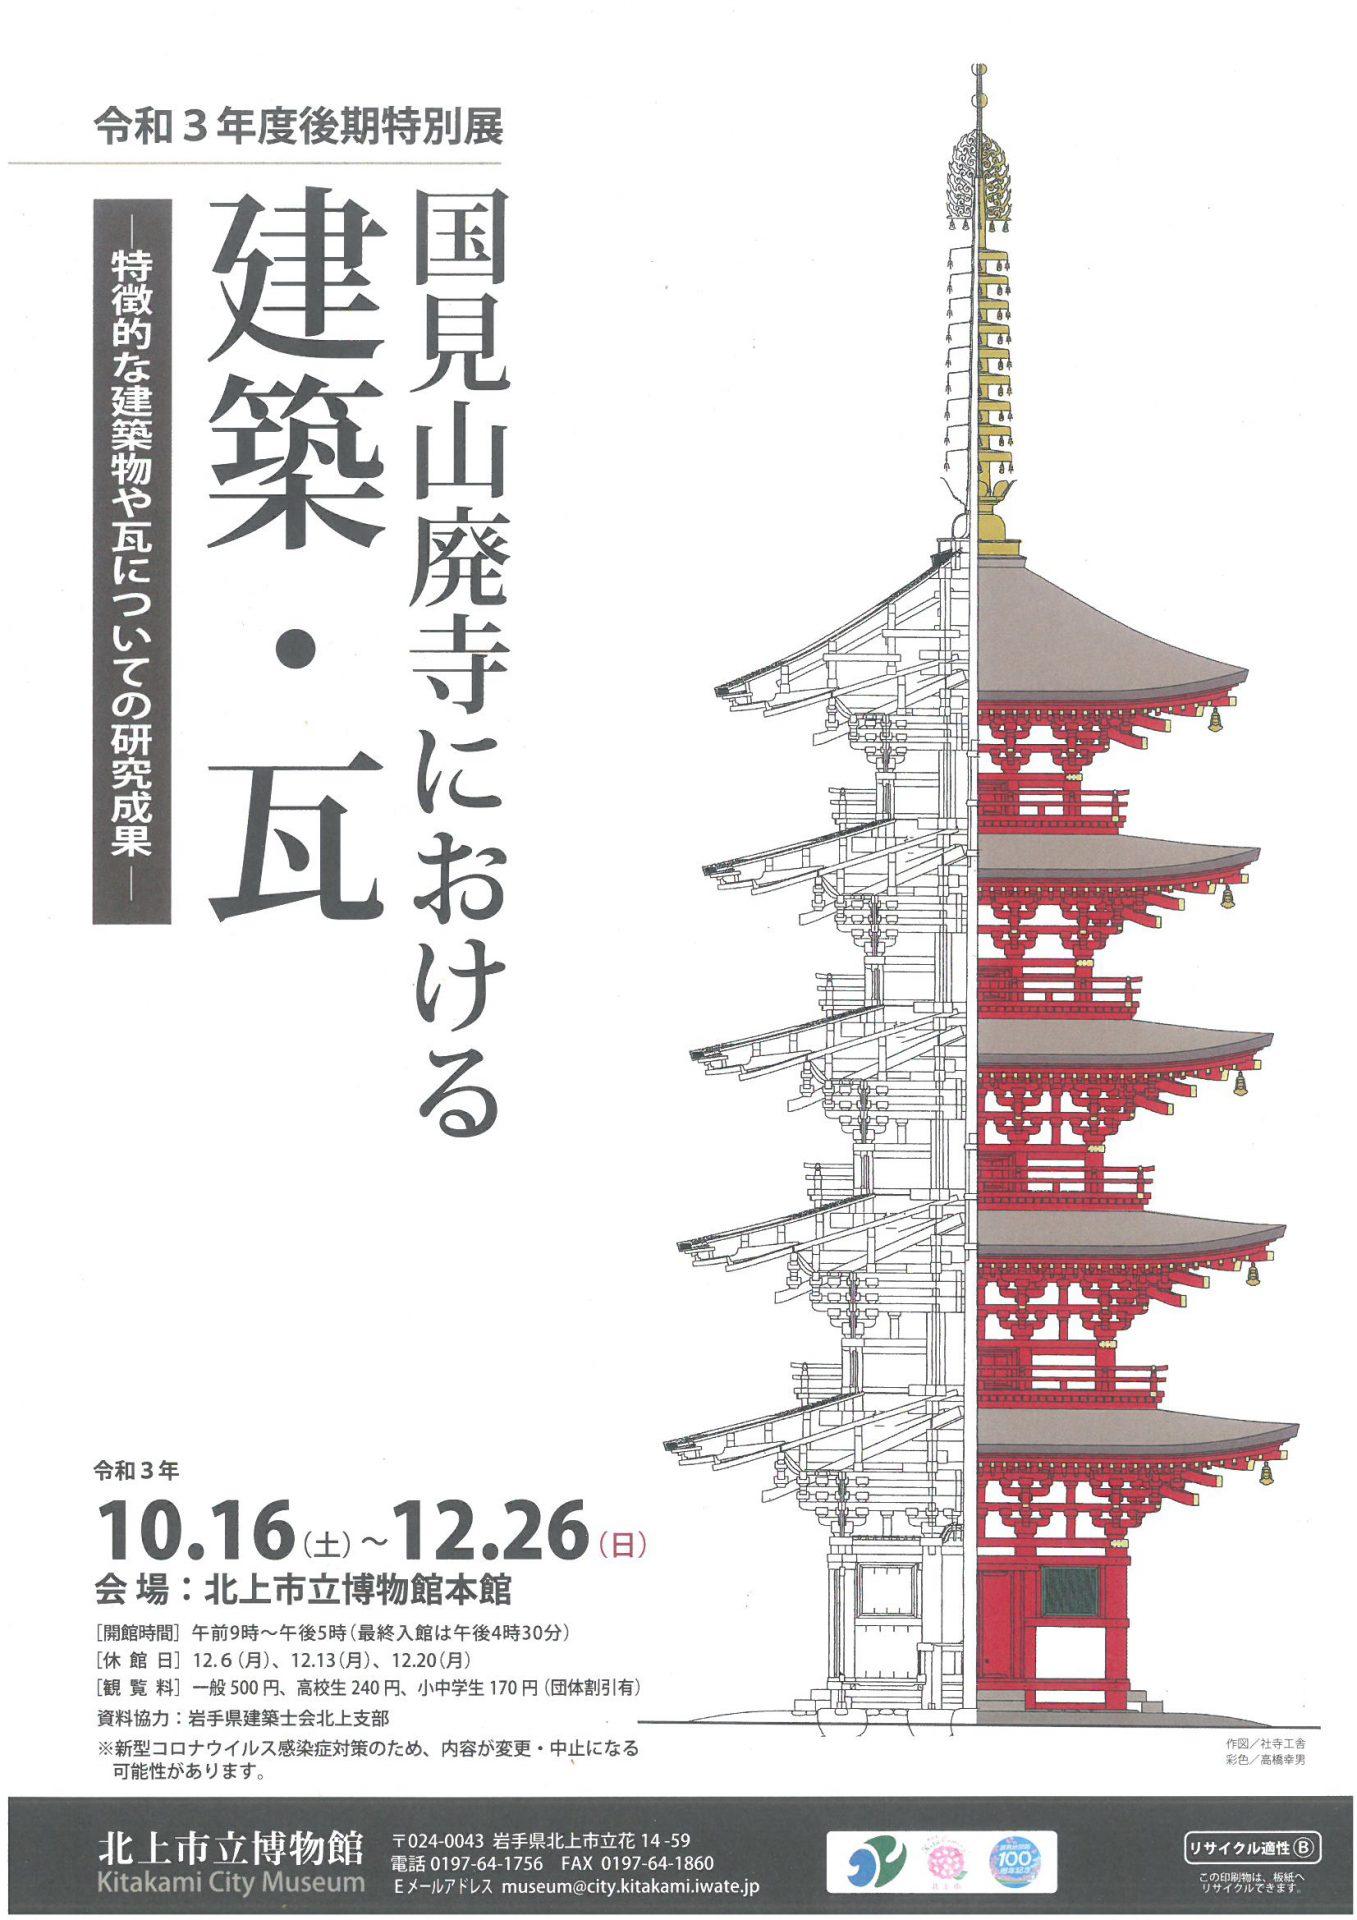 令和3年度北上市立博物館後期特別展。 国見山廃寺の特徴的な建築物や瓦についての研究調査を展示します。 ...